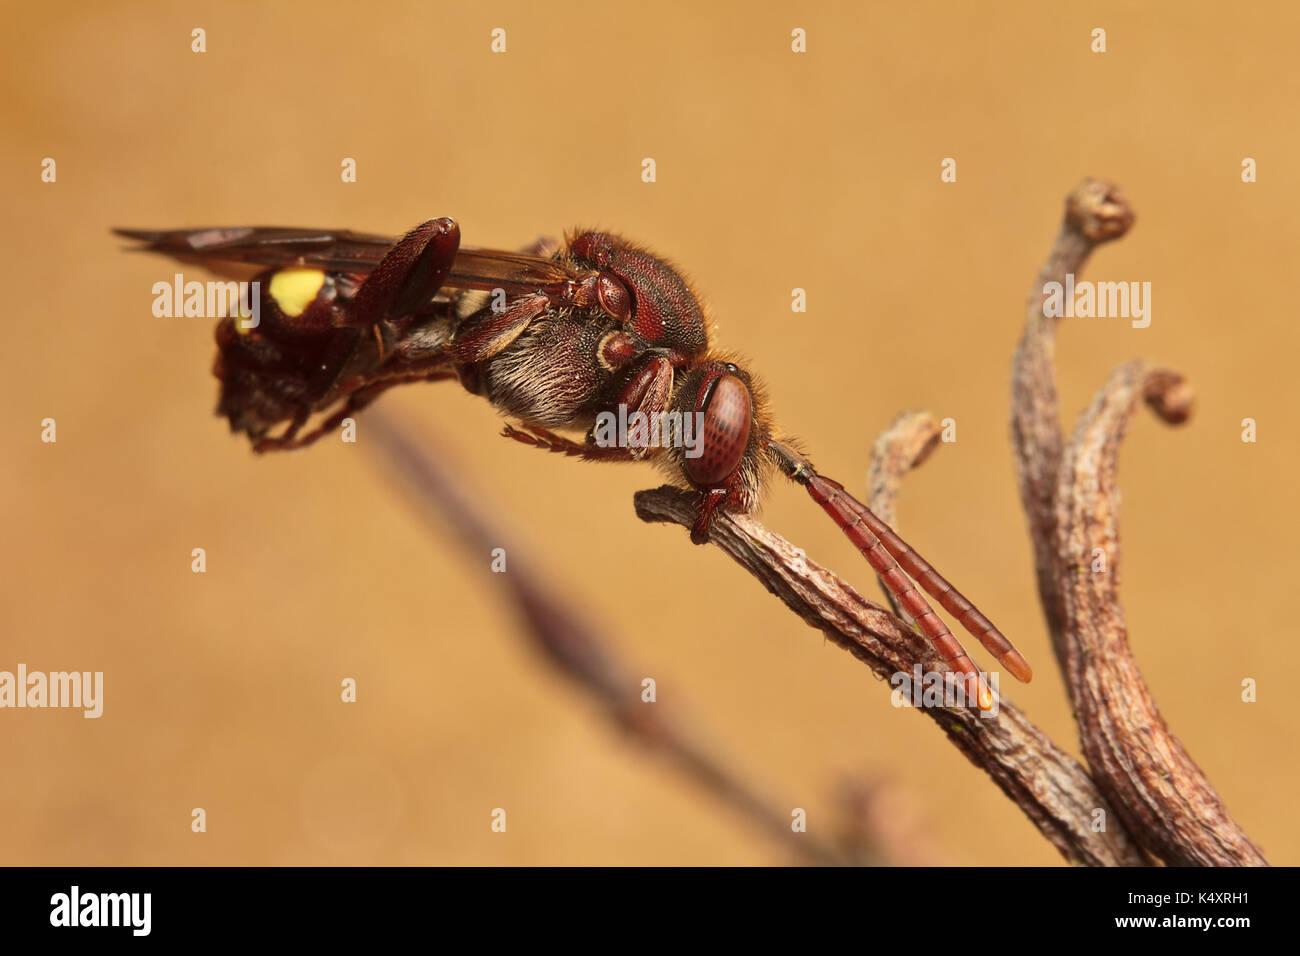 Nomada Bee, Nomadini - Stock Image